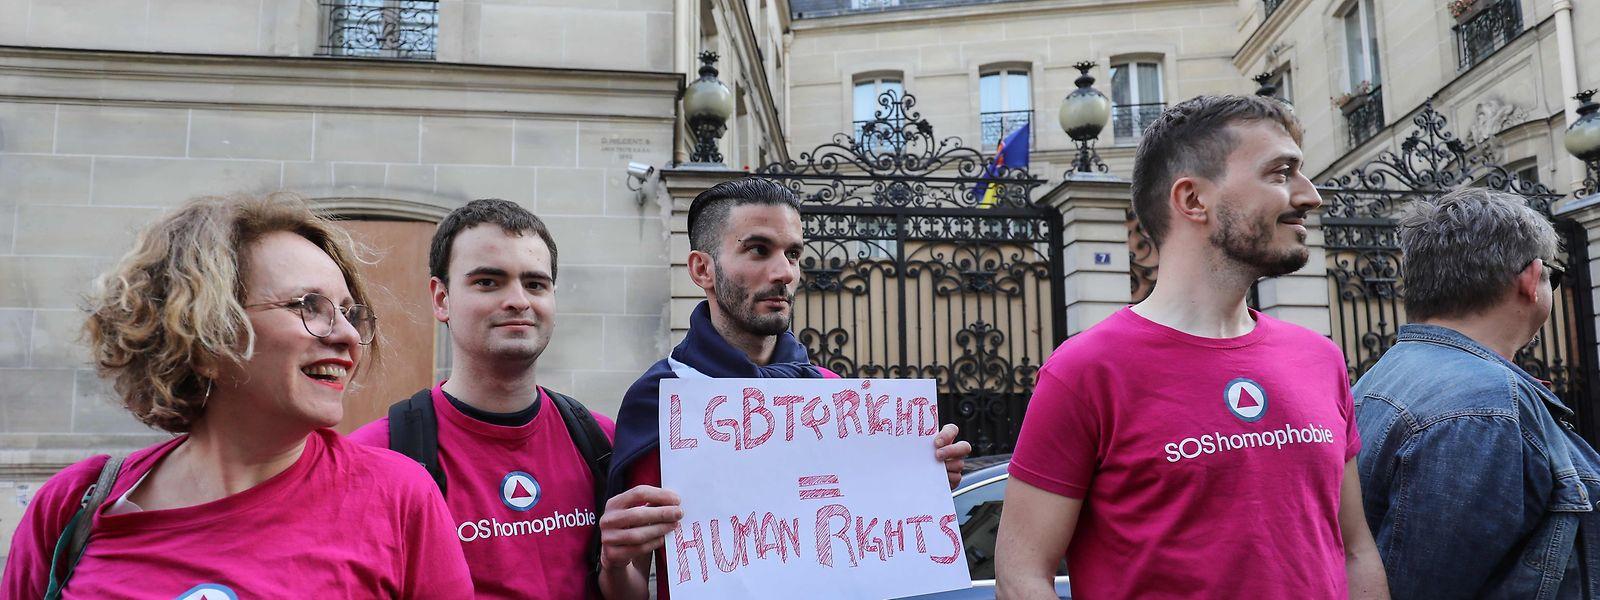 Vor der Botschaft des Sultanats hatten vergangene Woche Homosexuelle demonstriert.